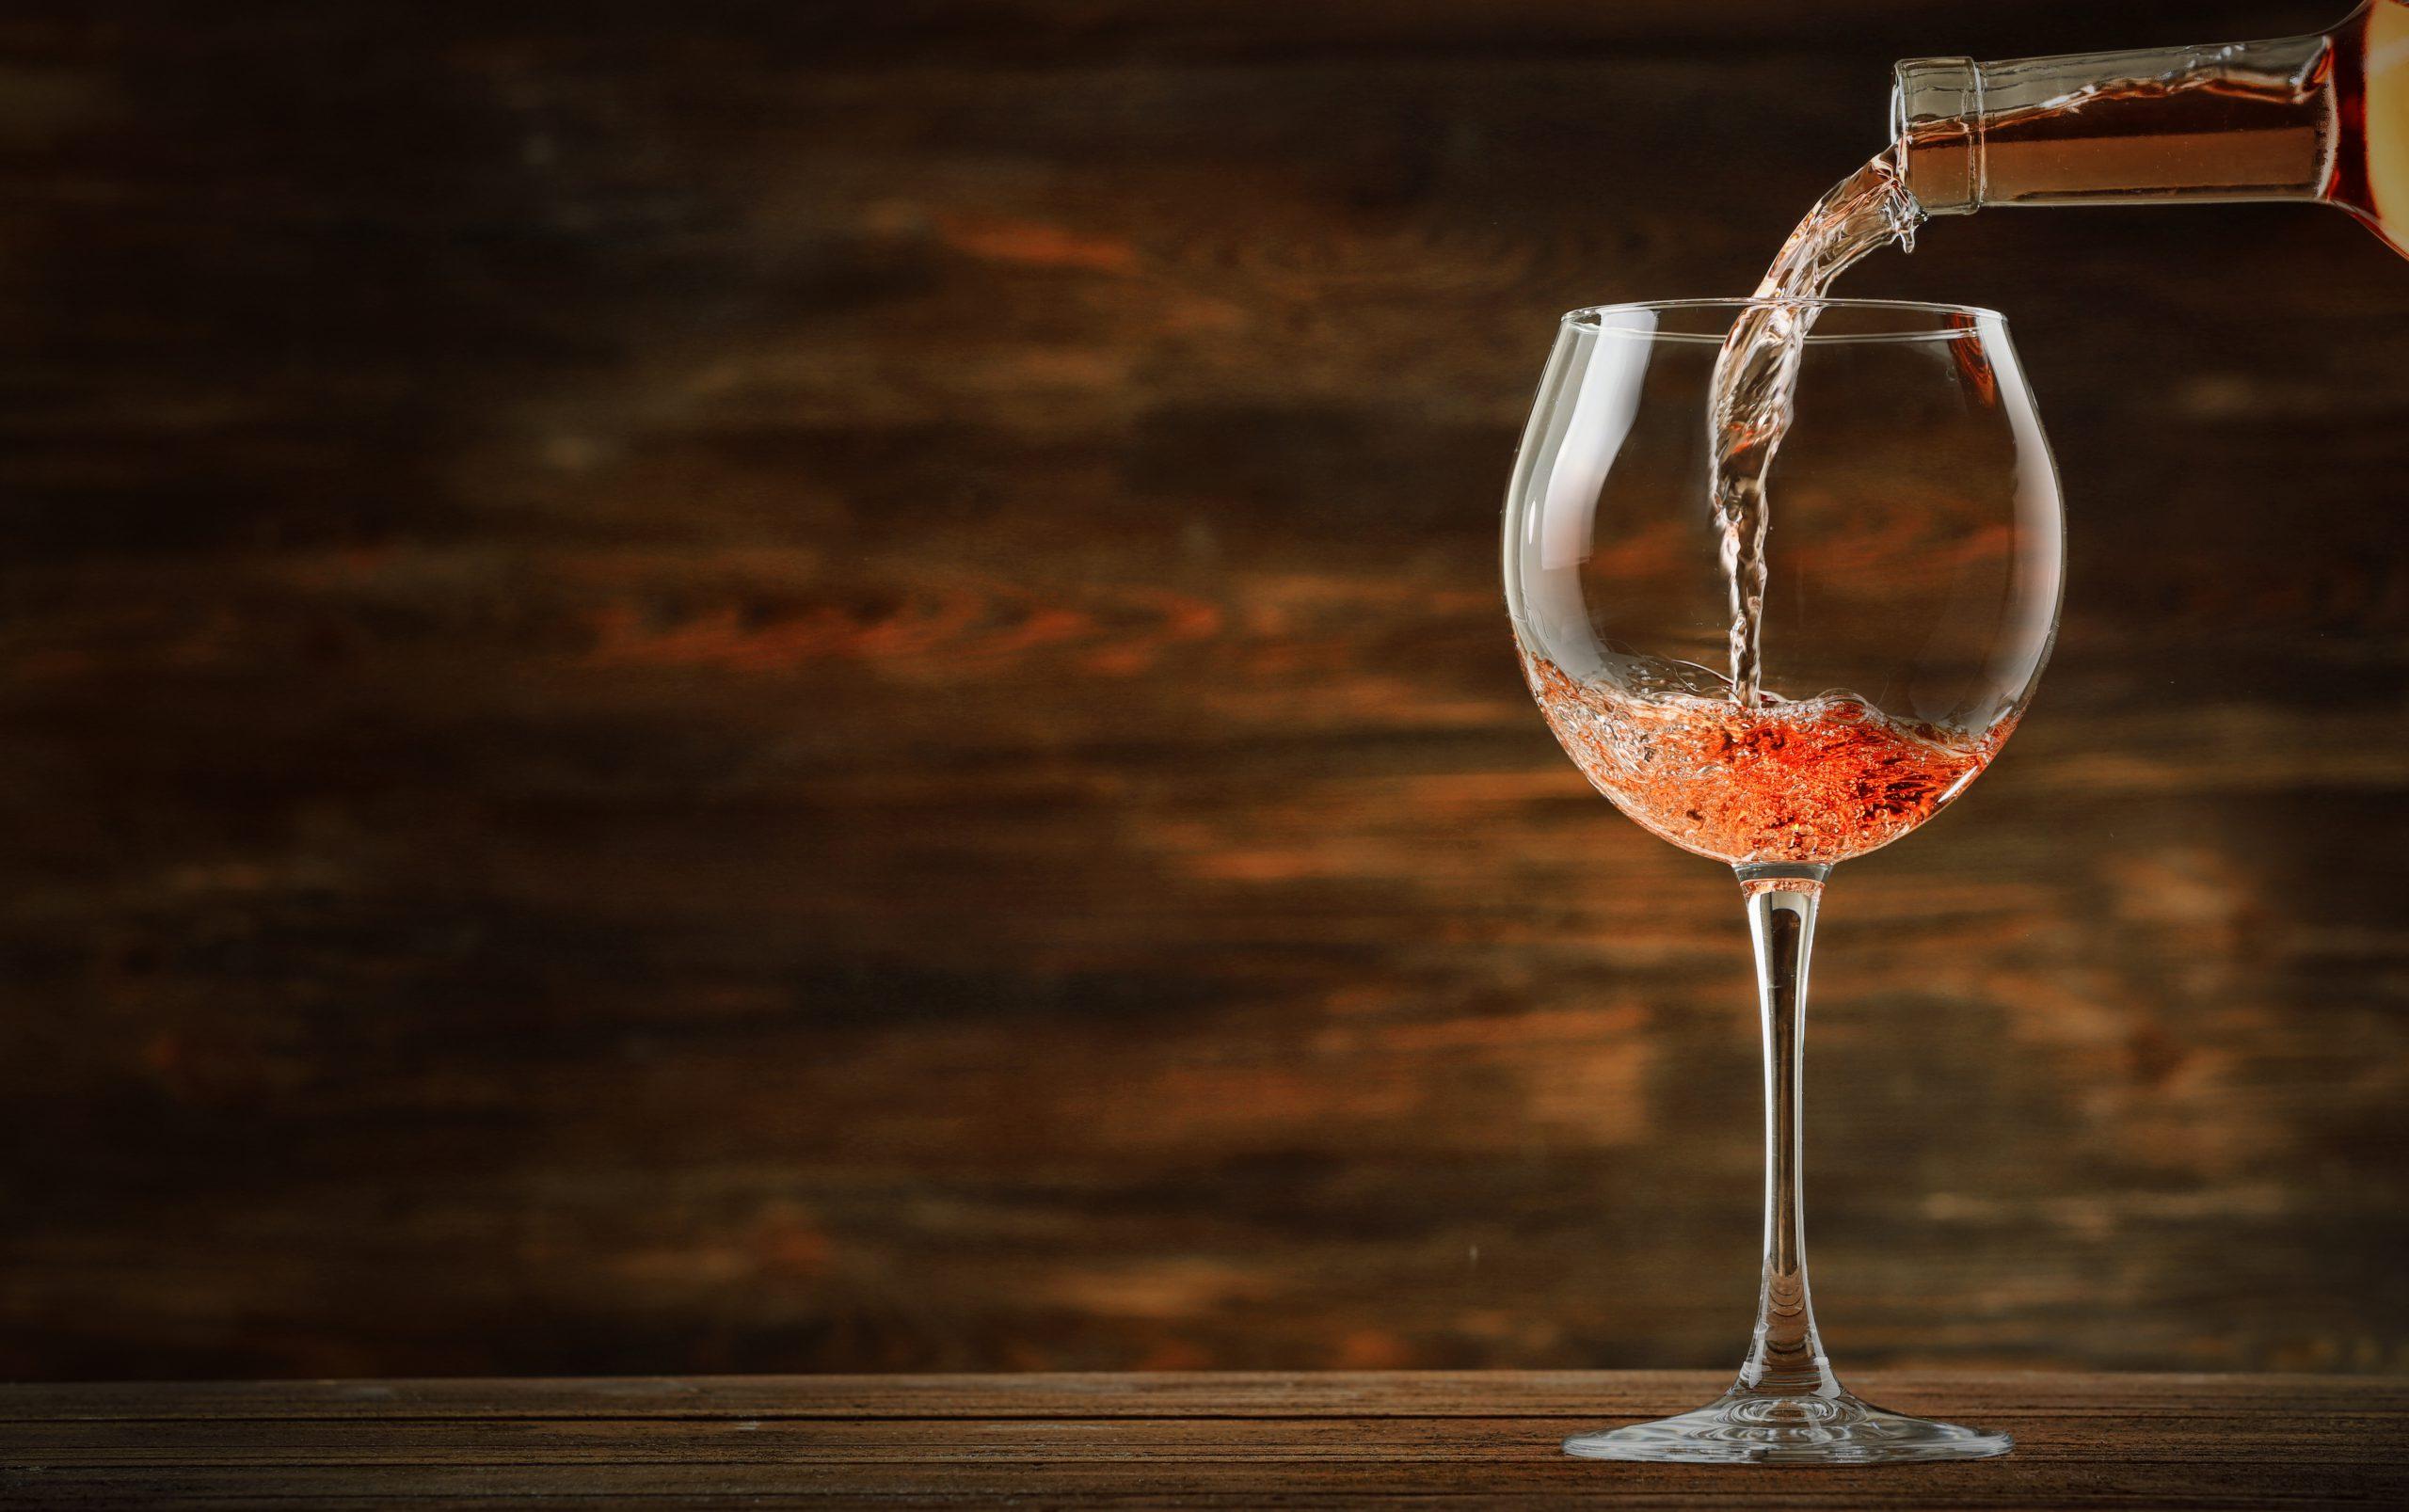 中華料理にワインを合わせたい!おすすめの組み合わせをご紹介